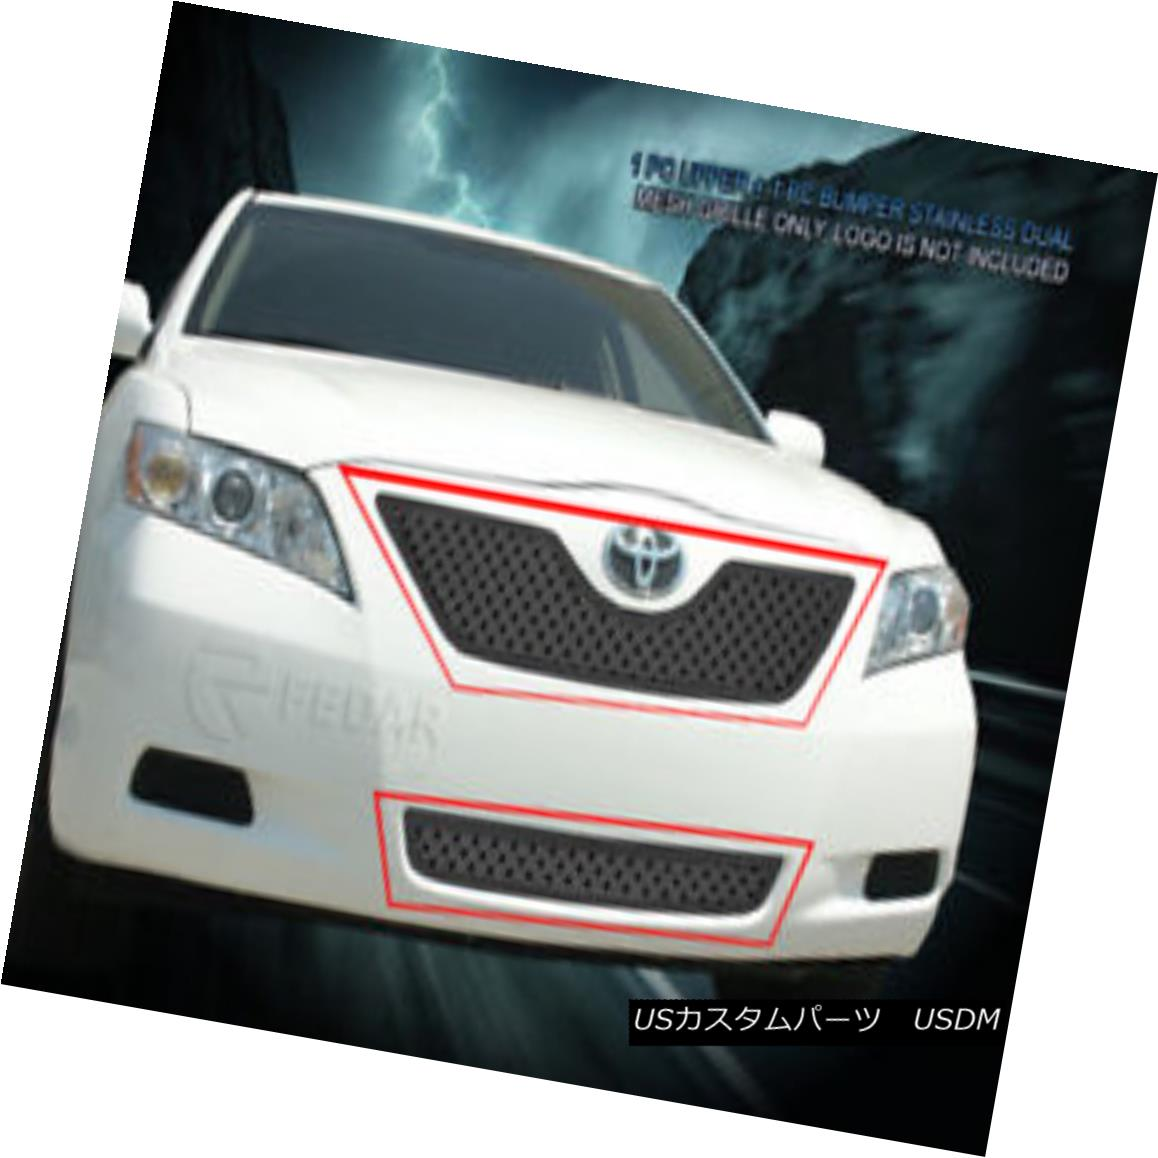 グリル Fits 2007-2009 Toyota Camry Polished Dual Weave Mesh Grille Combo Insert フィット2007-2009トヨタカムリ研磨デュアルウィーブメッシュグリルコンボインサート